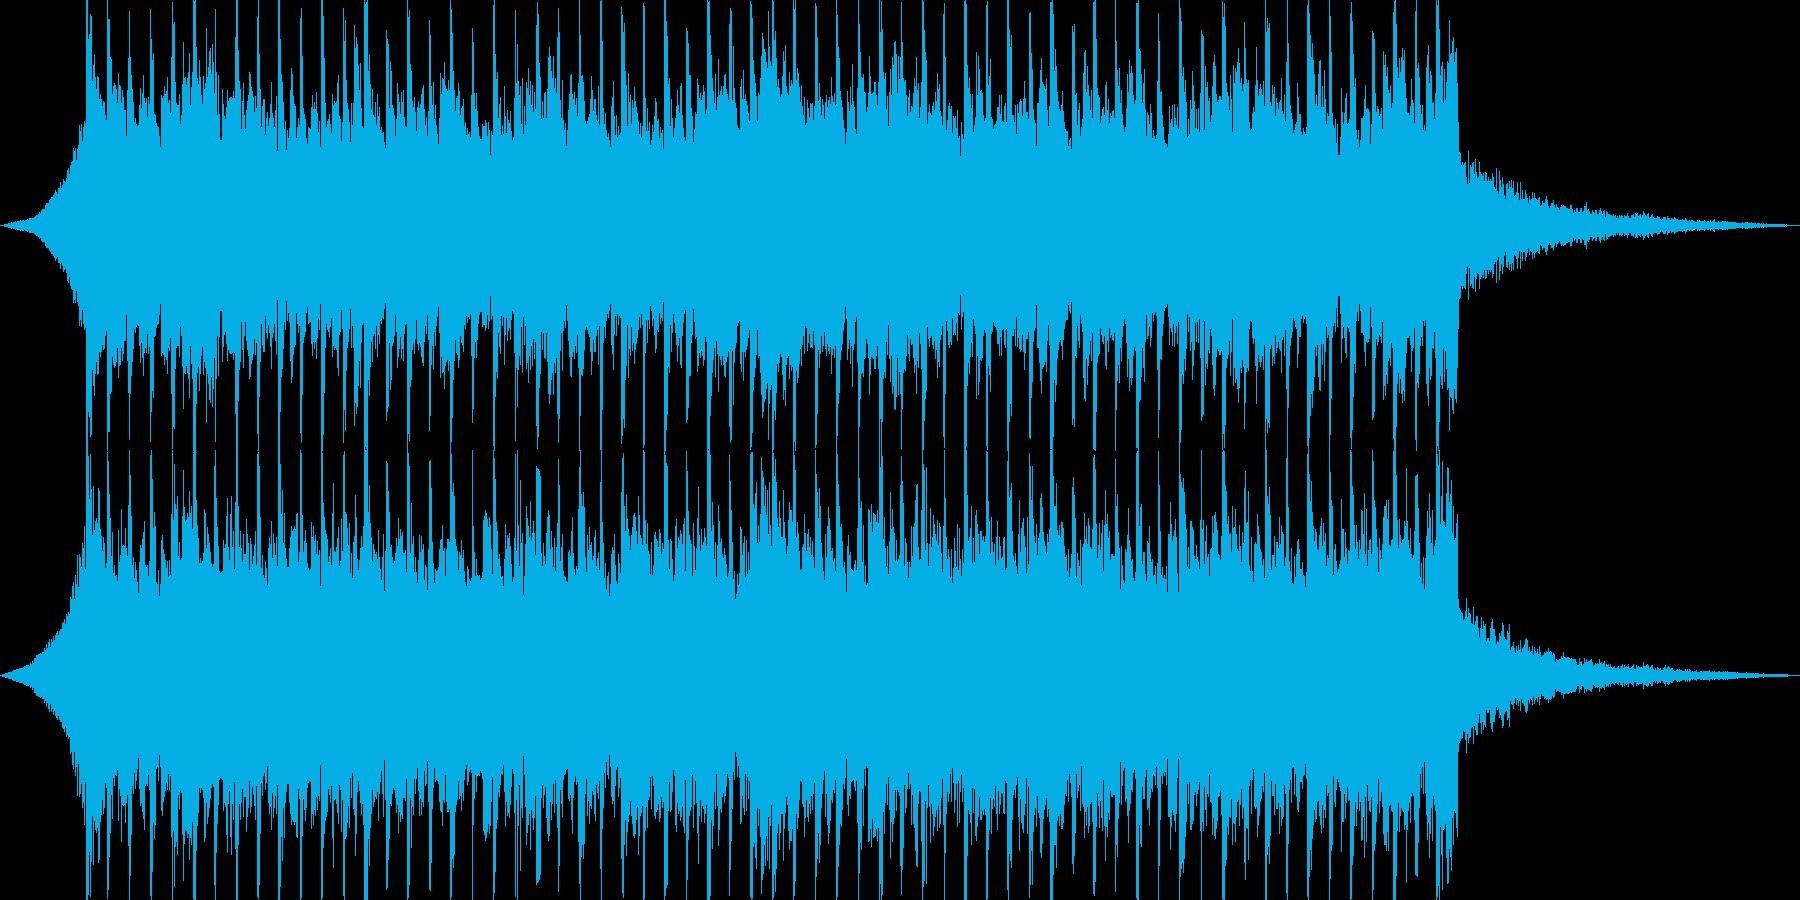 企業VPや映像、華やかオーケストラ30秒の再生済みの波形